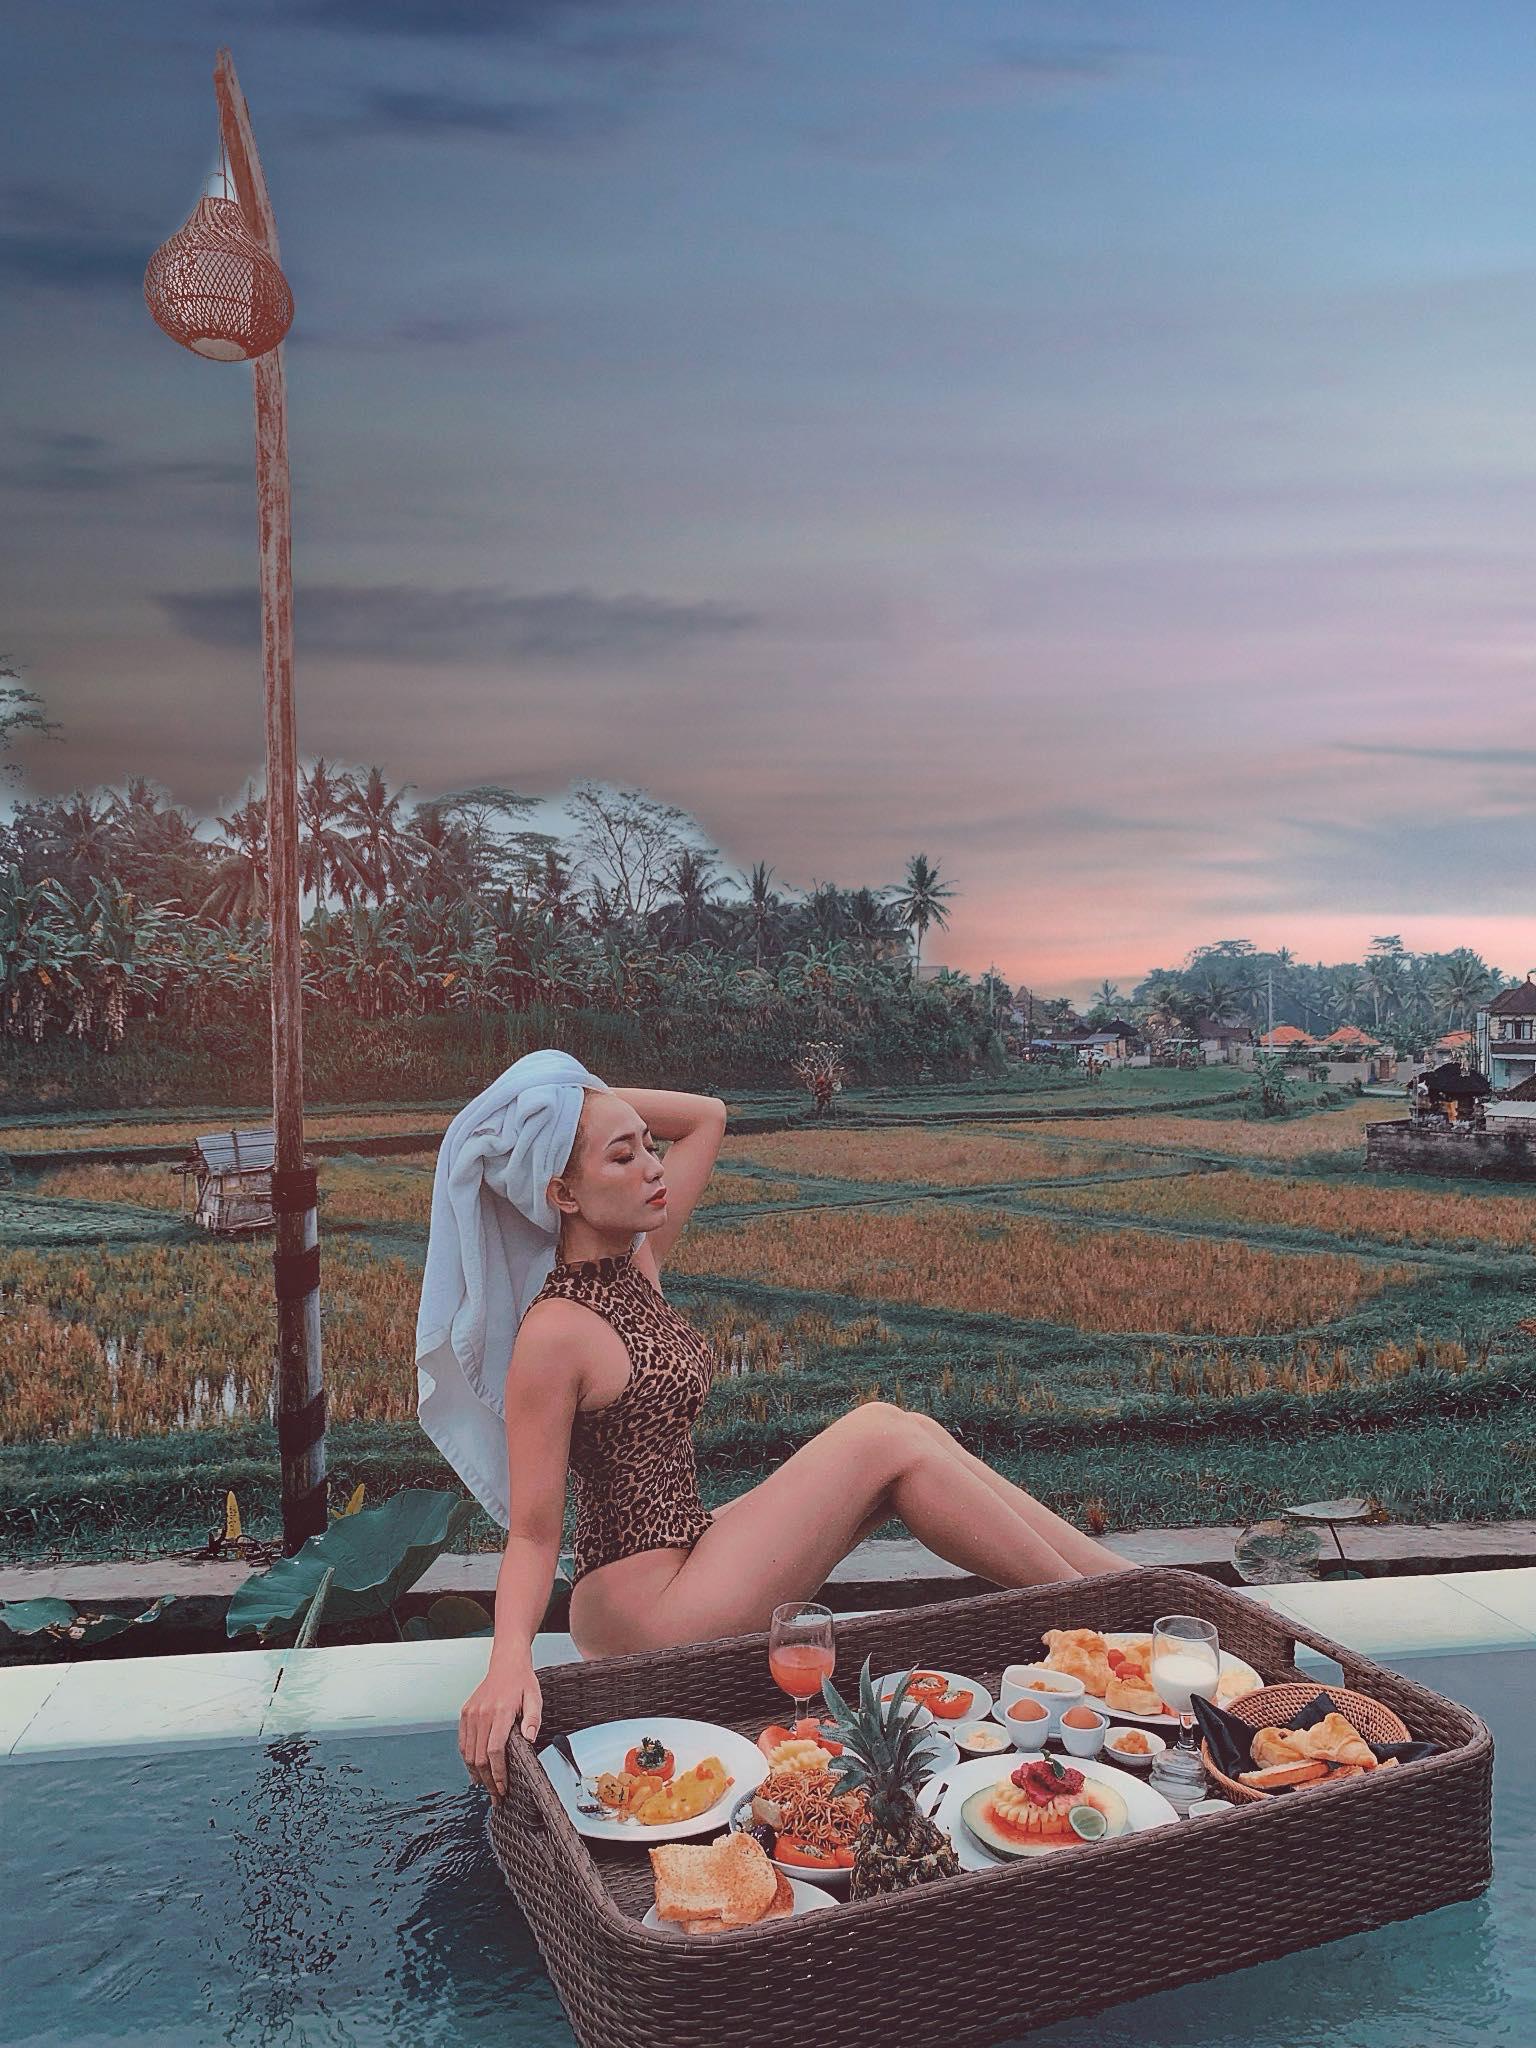 Một đời người có bao nhiêu lần không thể nào quên? Xem ảnh du lịch Bali quá xuất sắc của mọi người khiến mình muốn một lần chạm vào thiên đường miền nhiệt đới. Mình quyết định dành 6N5D đi bụi để khám phá Bali. Thật sự để mà nói thì thời gian mình đi chưa đủ để khám phá được hết những nơi muốn đến nhưng cũng đã đặt chân đến những chỗ đặc sắc, cảm thấy xứng đáng và muốn chia sẻ với mọi người hành trình của mình.